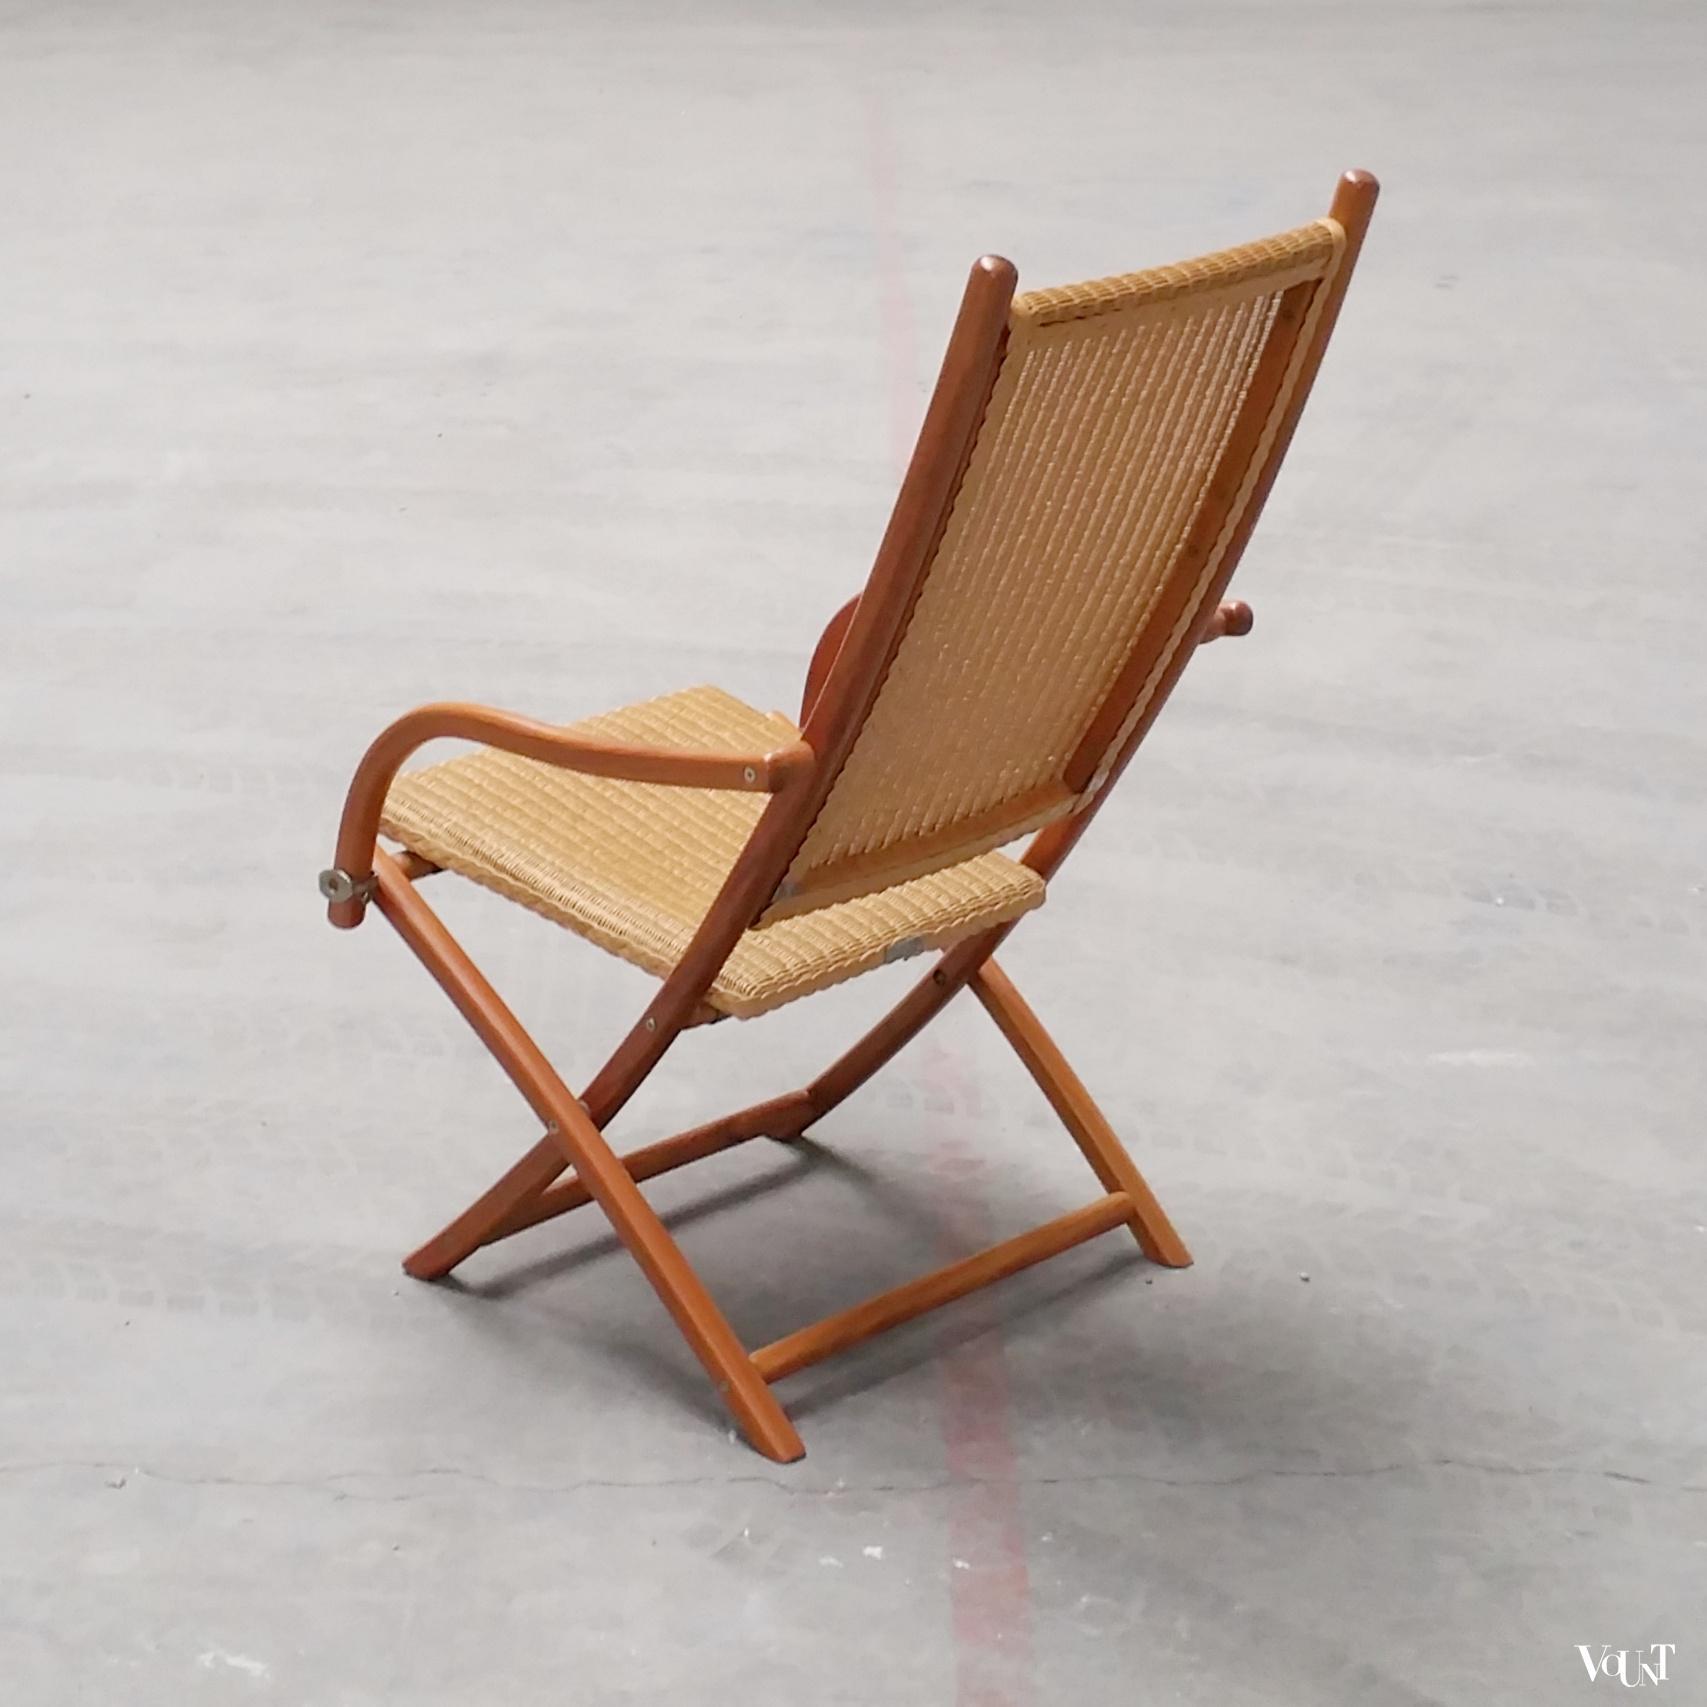 lloyd loom italia klapstoel model victoria. Black Bedroom Furniture Sets. Home Design Ideas